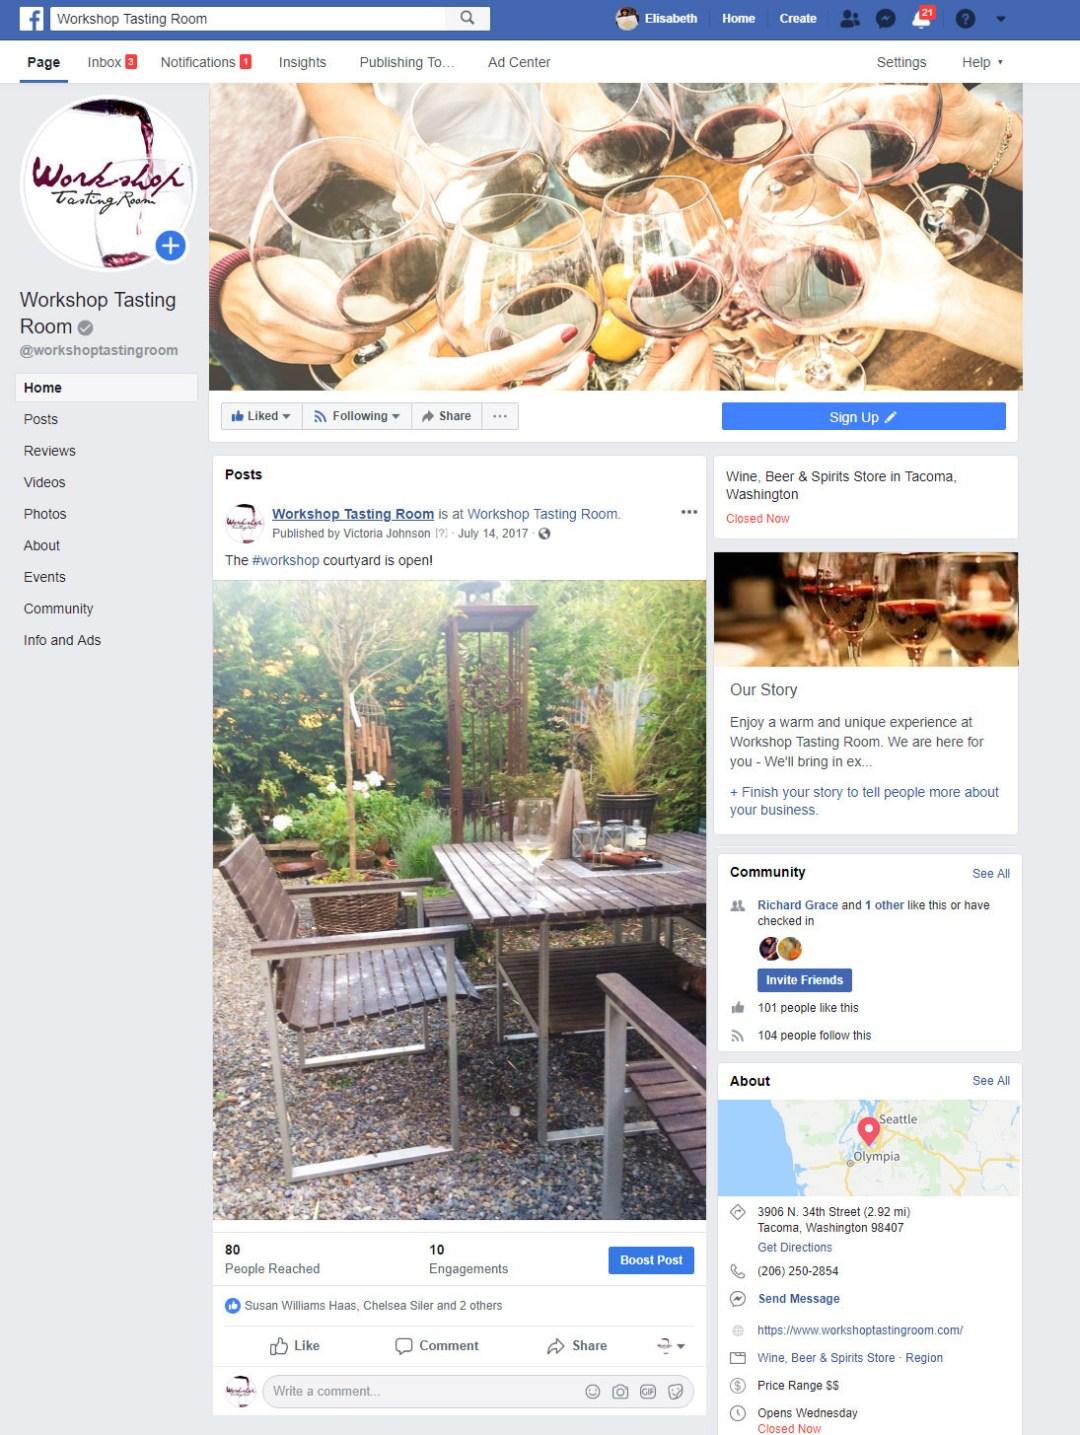 Workshop Tasting Room - screenshot of Facebook page - Elisabeth Parker's portfolio.